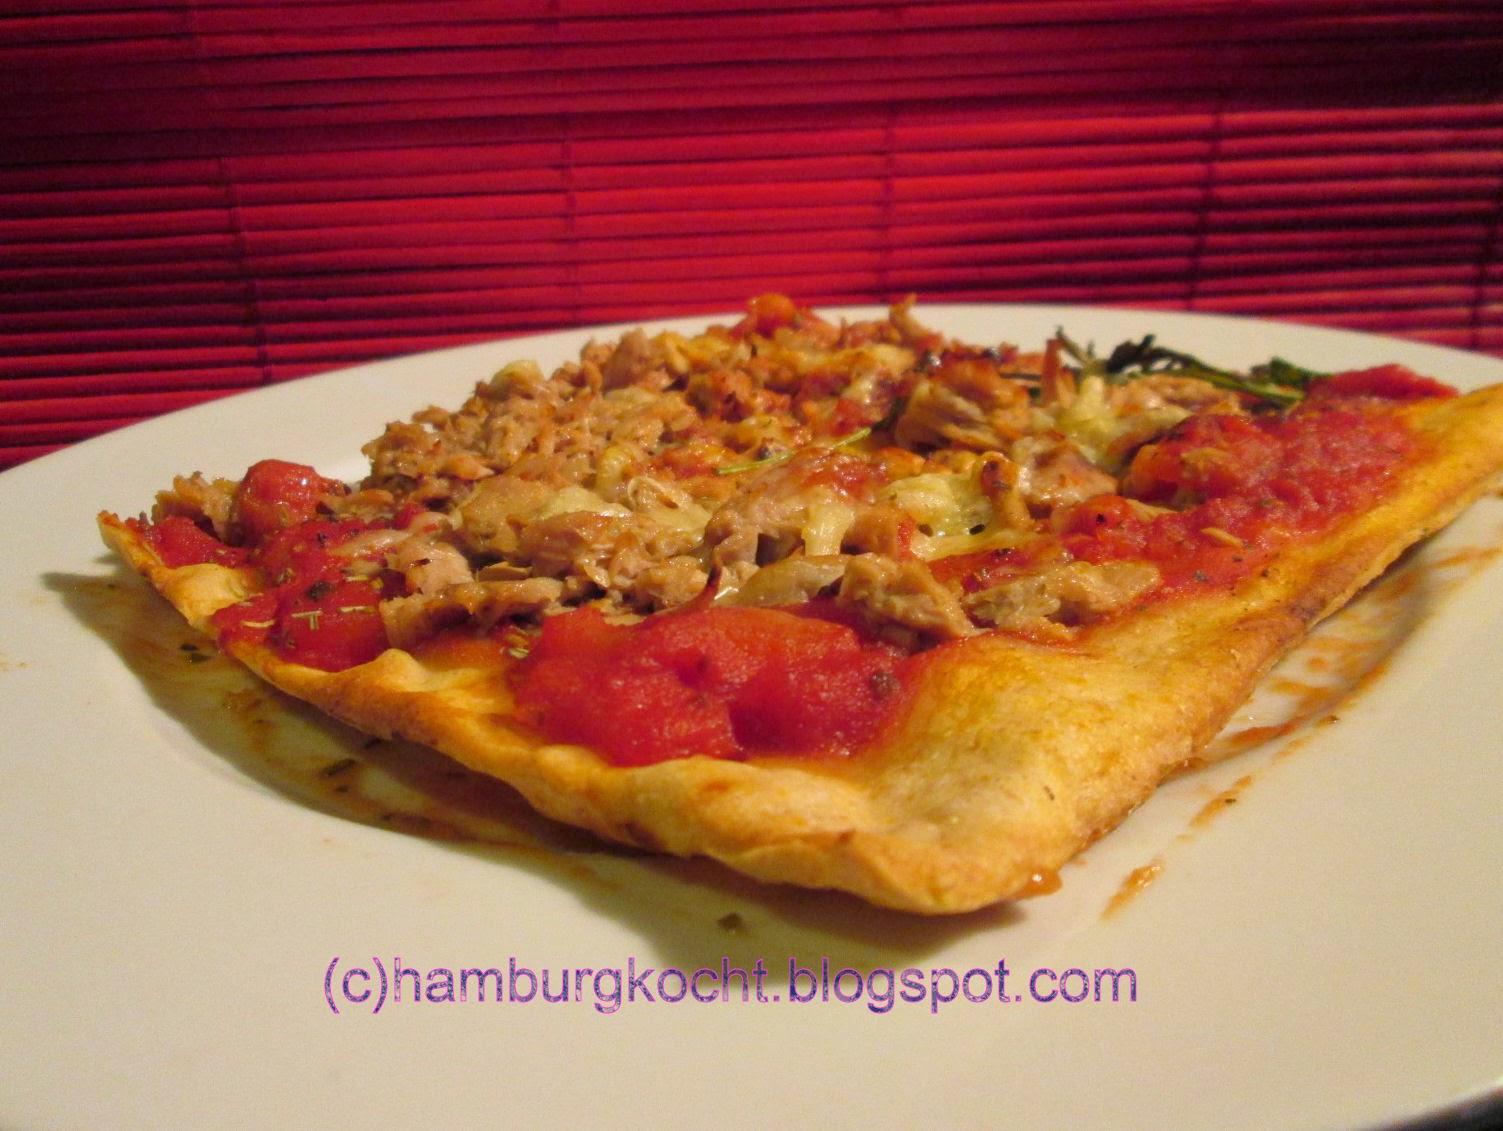 Hamburg kocht!: Grundrezept: Hefeteig für Pizza oder Flammkuchen